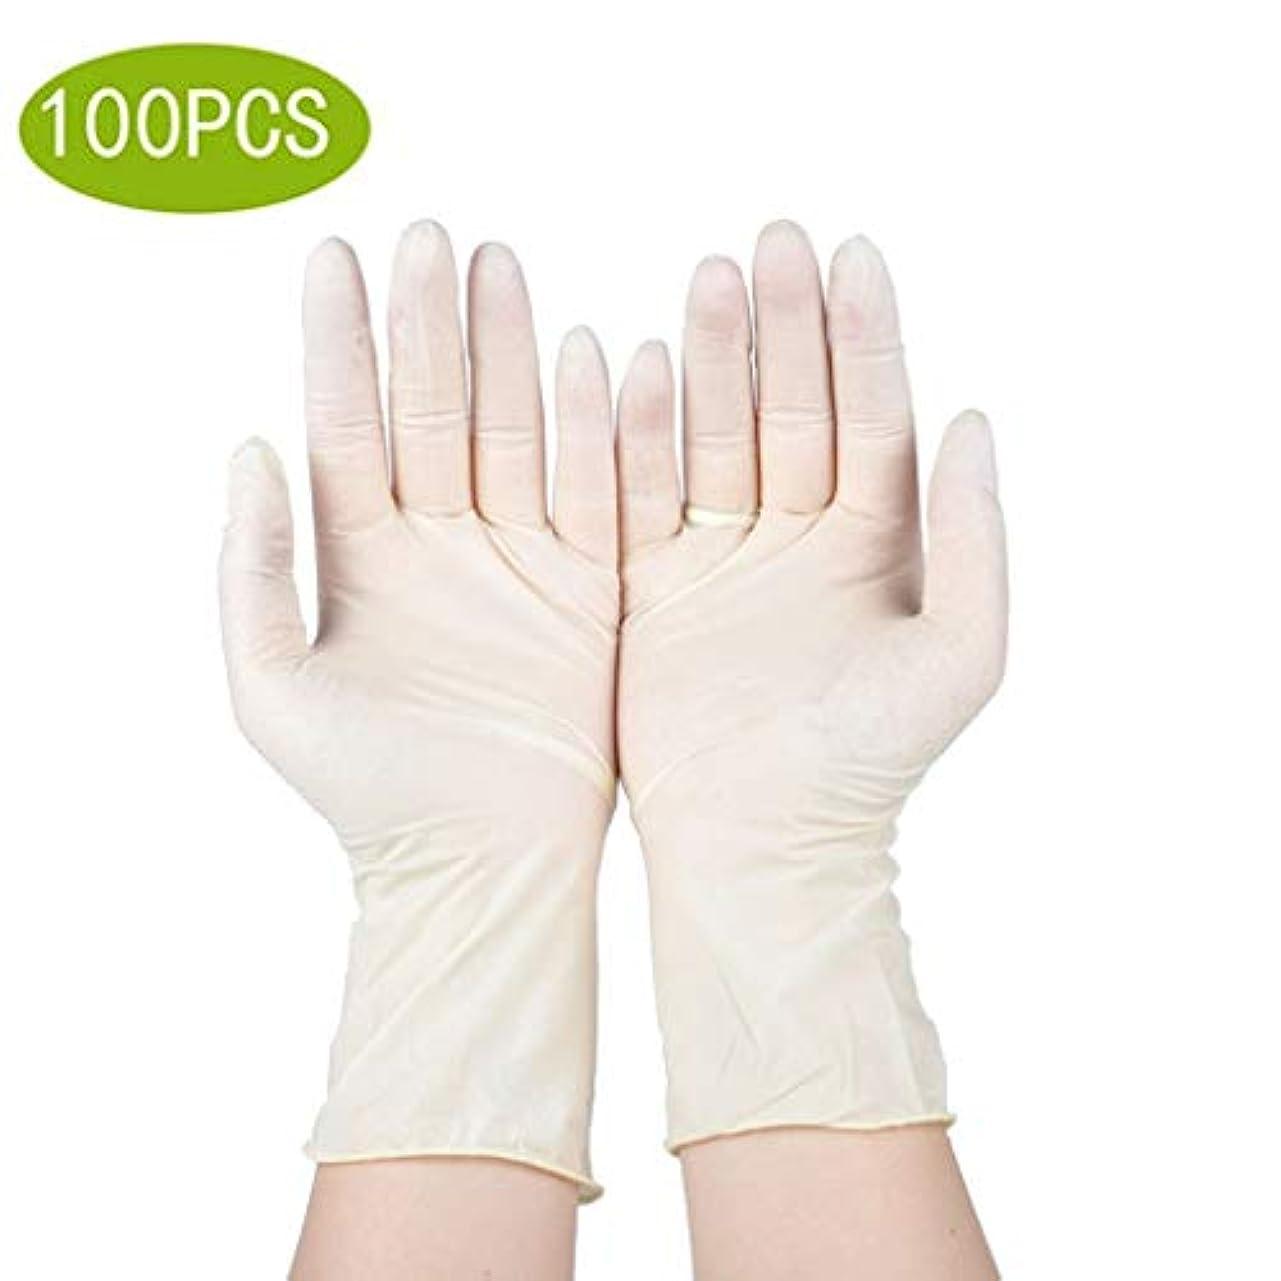 突然異常なファイナンス医療検査ラテックス手袋|3ミル厚、ミディアムボックス100パウダーフリー、無菌、頑丈な試験用手袋|病院のための専門の等級、法執行機関、食糧売り手 (Color : Beige, Size : L)